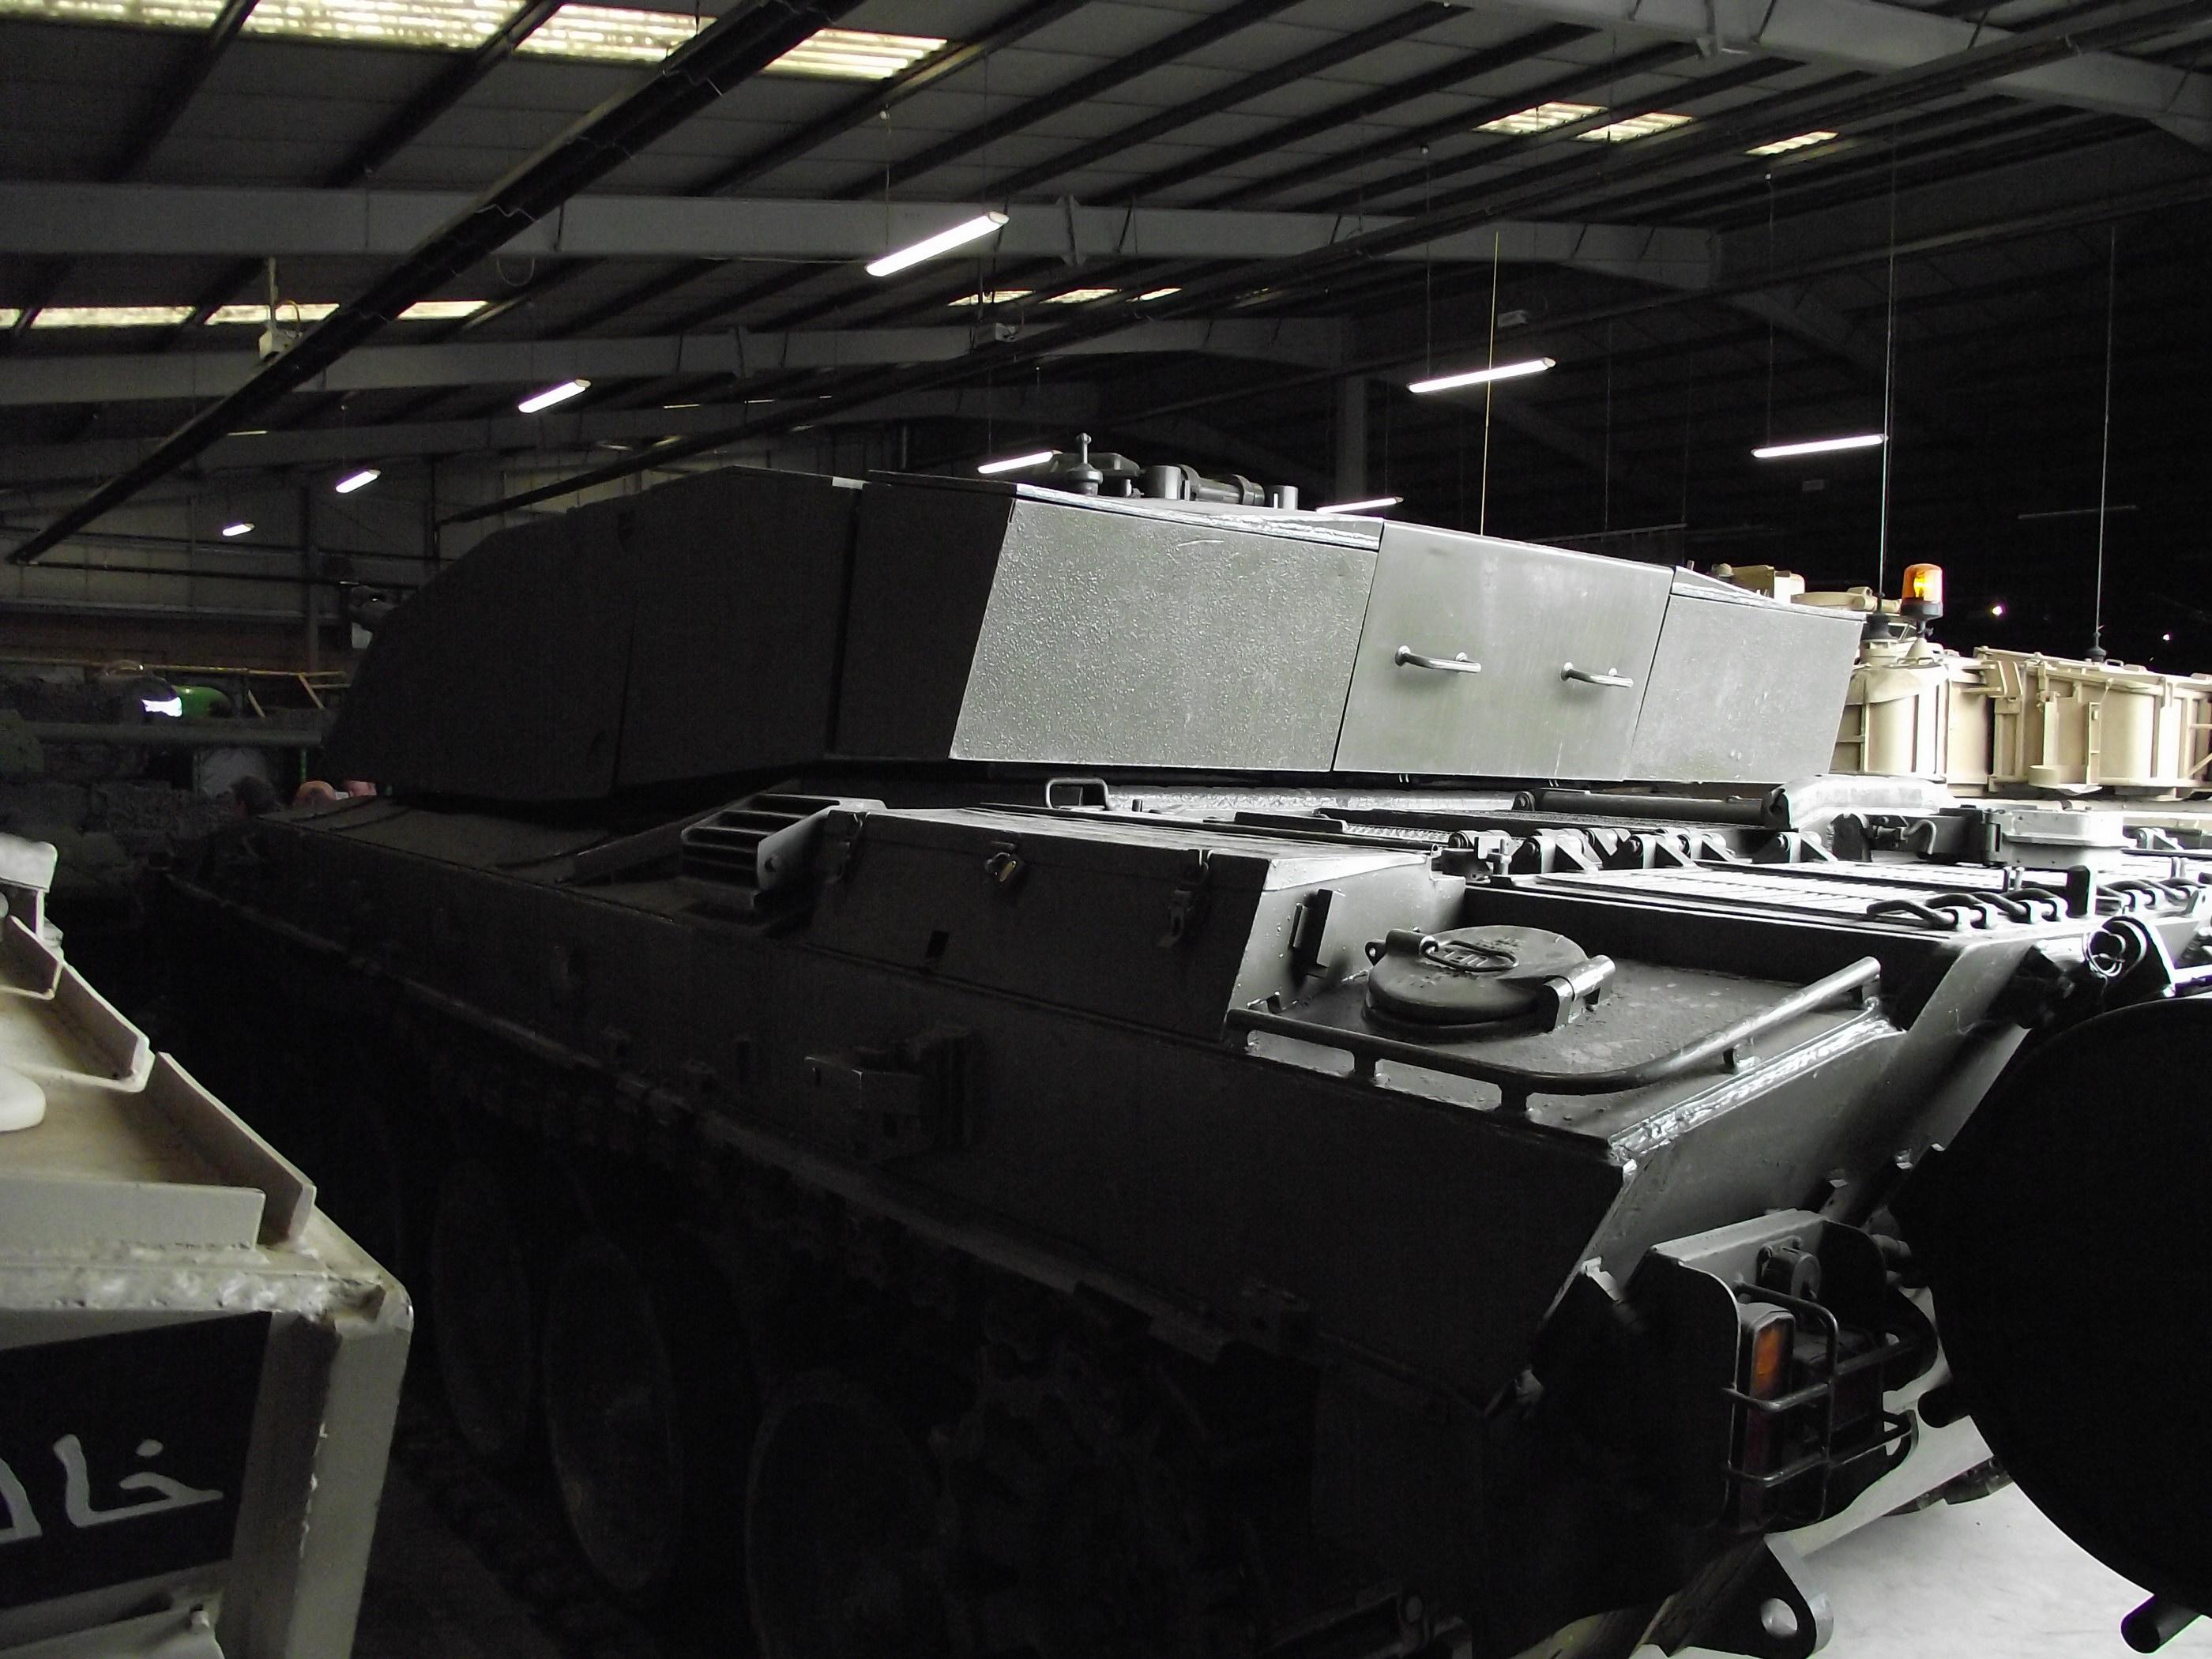 Tank_Museum_20180919_499.jpg